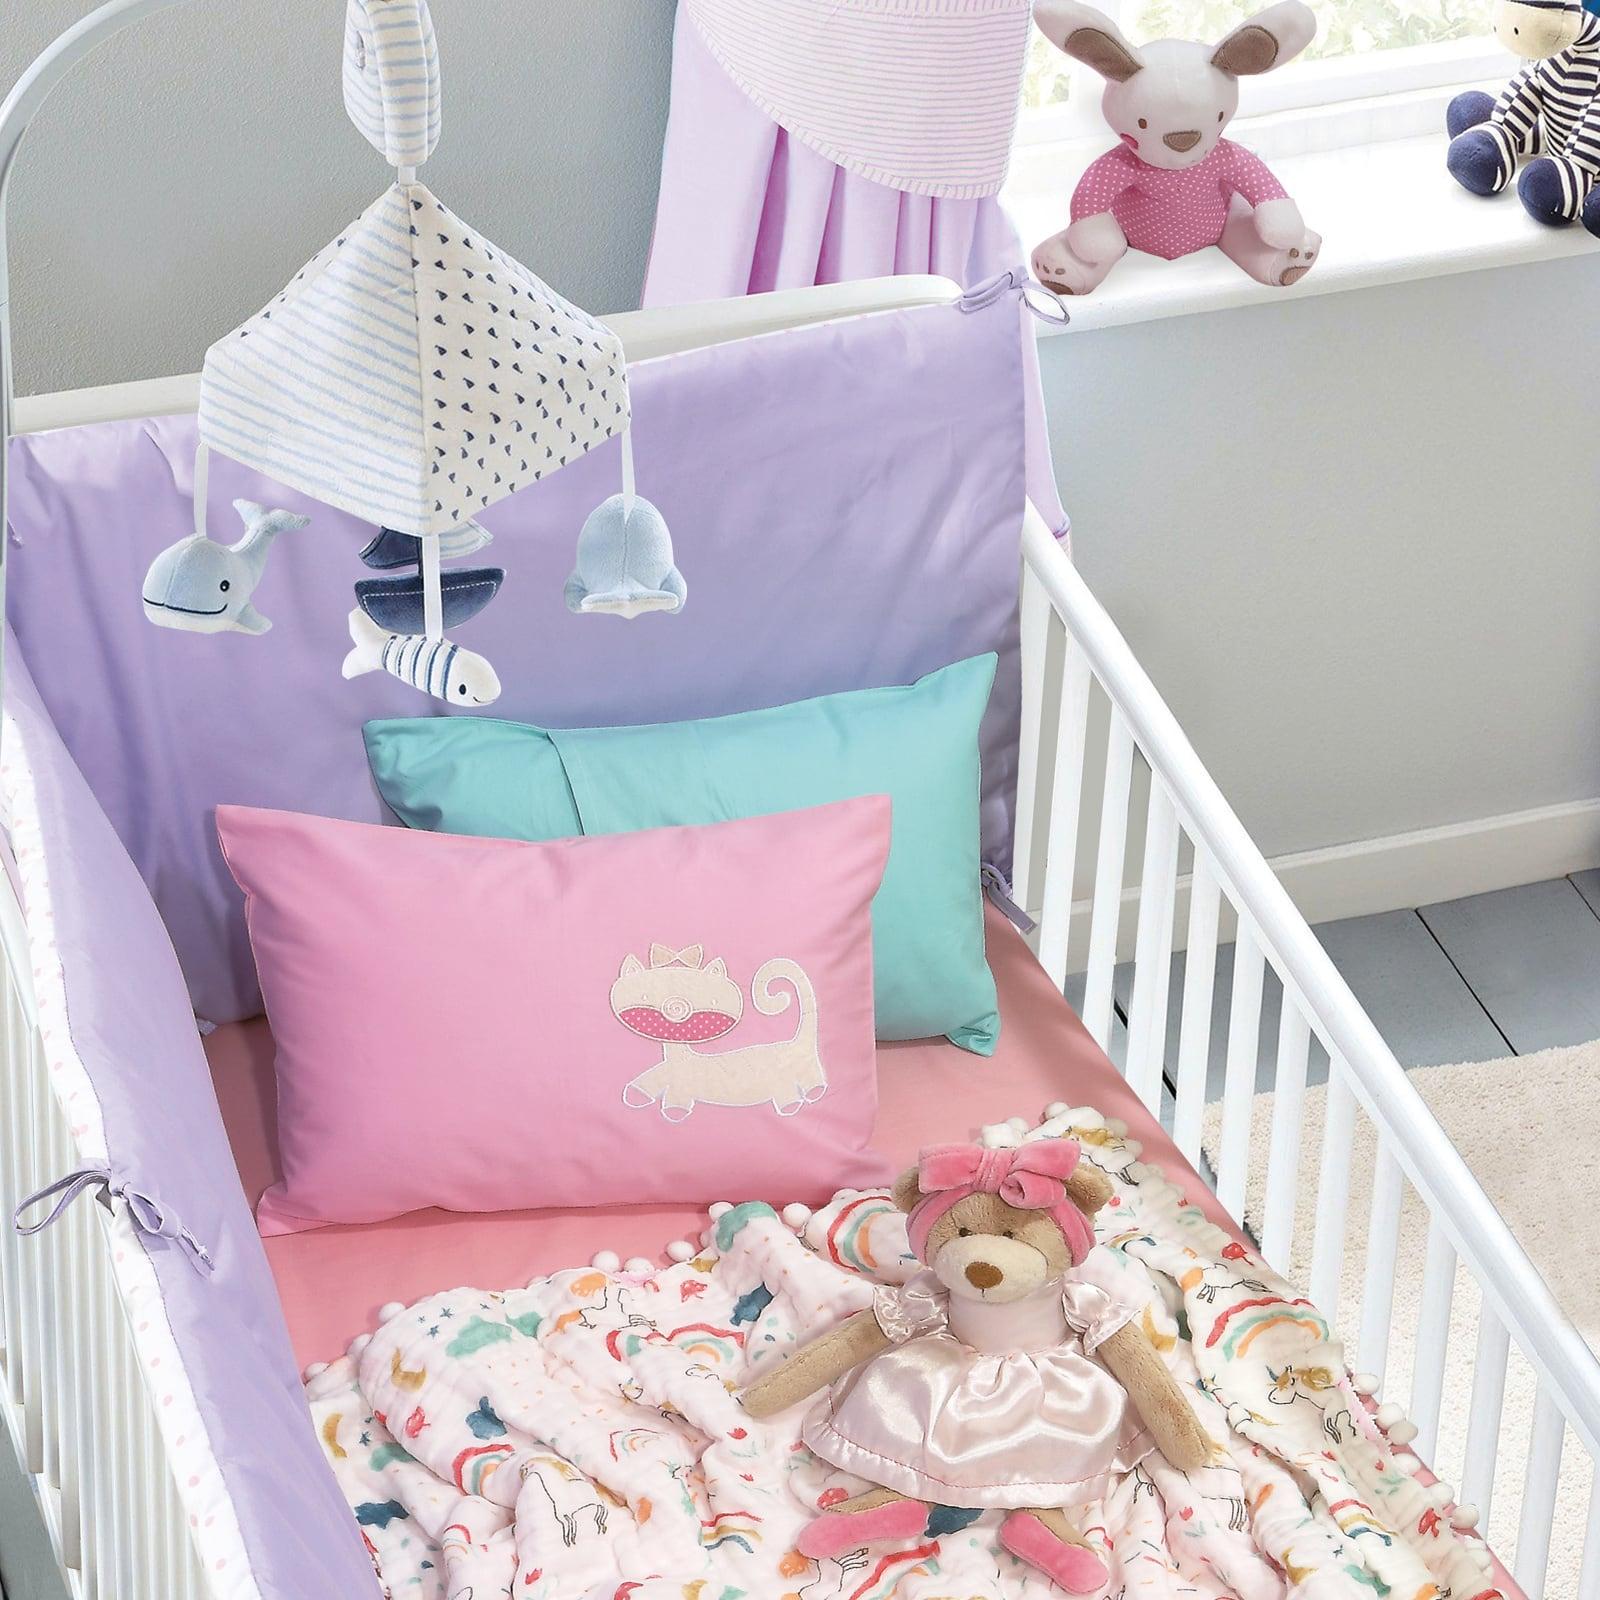 Κουβέρτα Βρεφική Μουσελίνα 6587 Relax Multi Das Baby Κούνιας 110x140cm